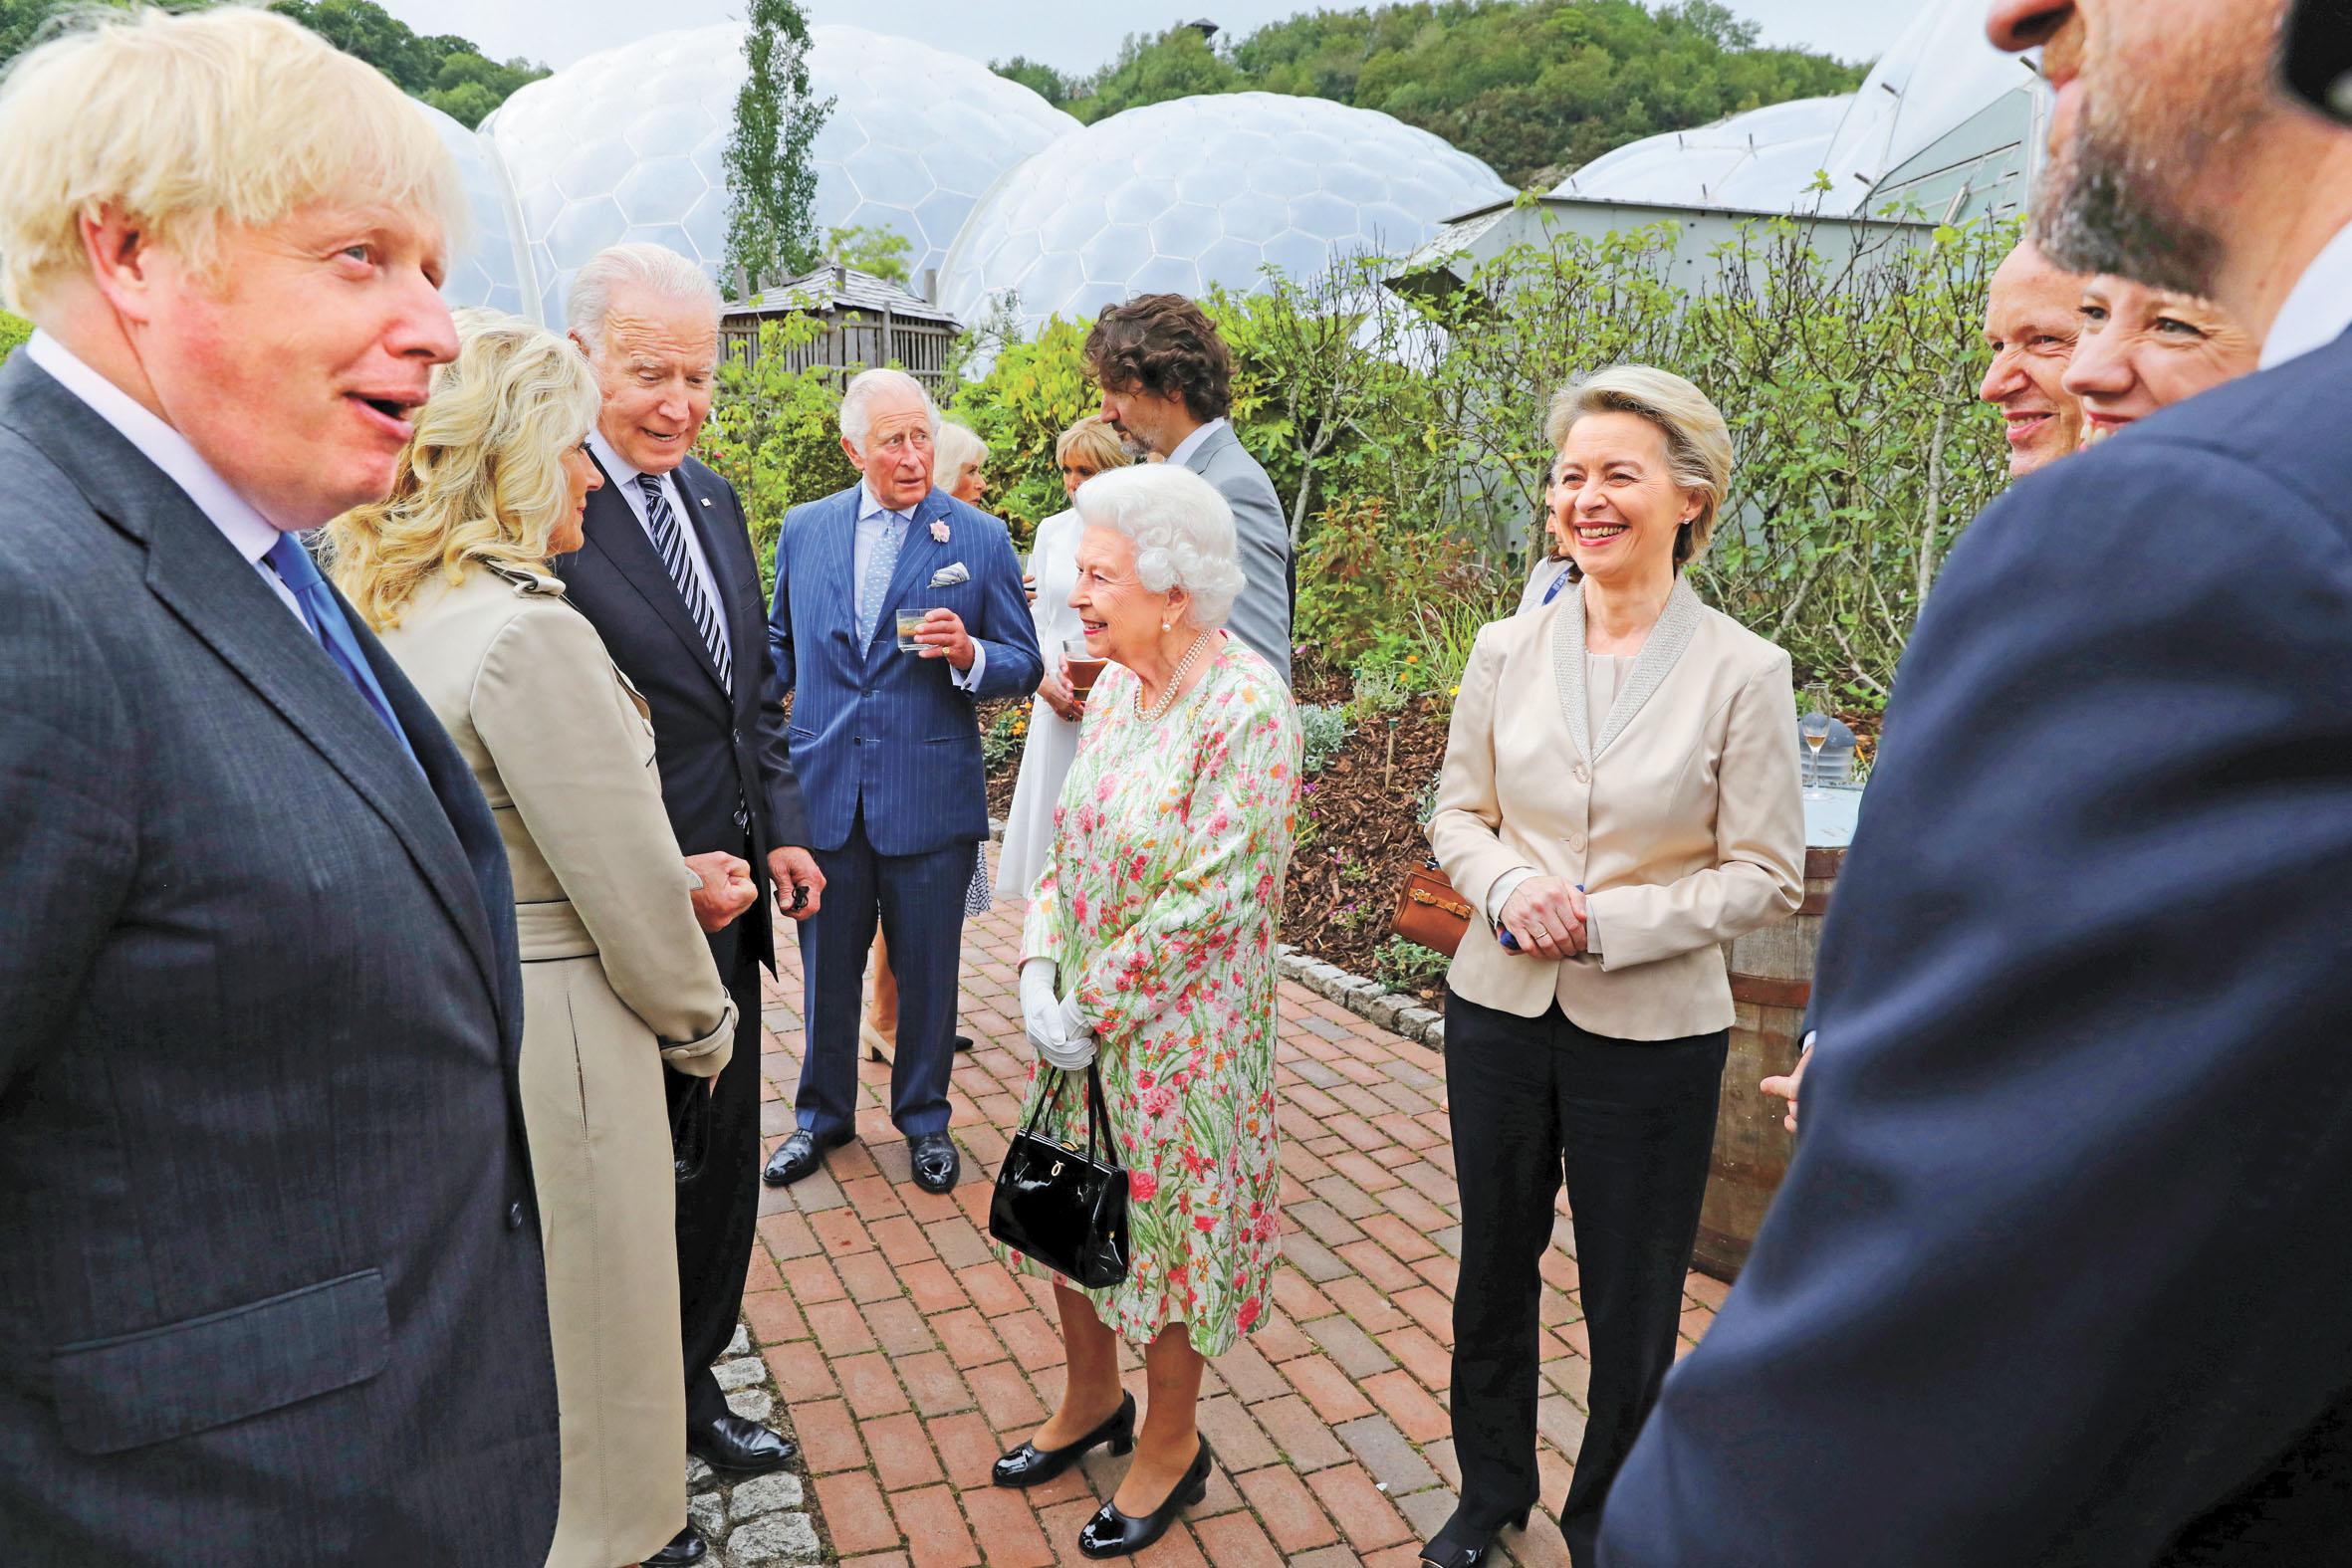 英國首相約翰遜、美國總拜登及妻子吉爾、歐盟委員會主席馮德萊恩和加拿大總理特魯多及英女王和英王儲查理斯出席了峰會期間的酒會。路透社